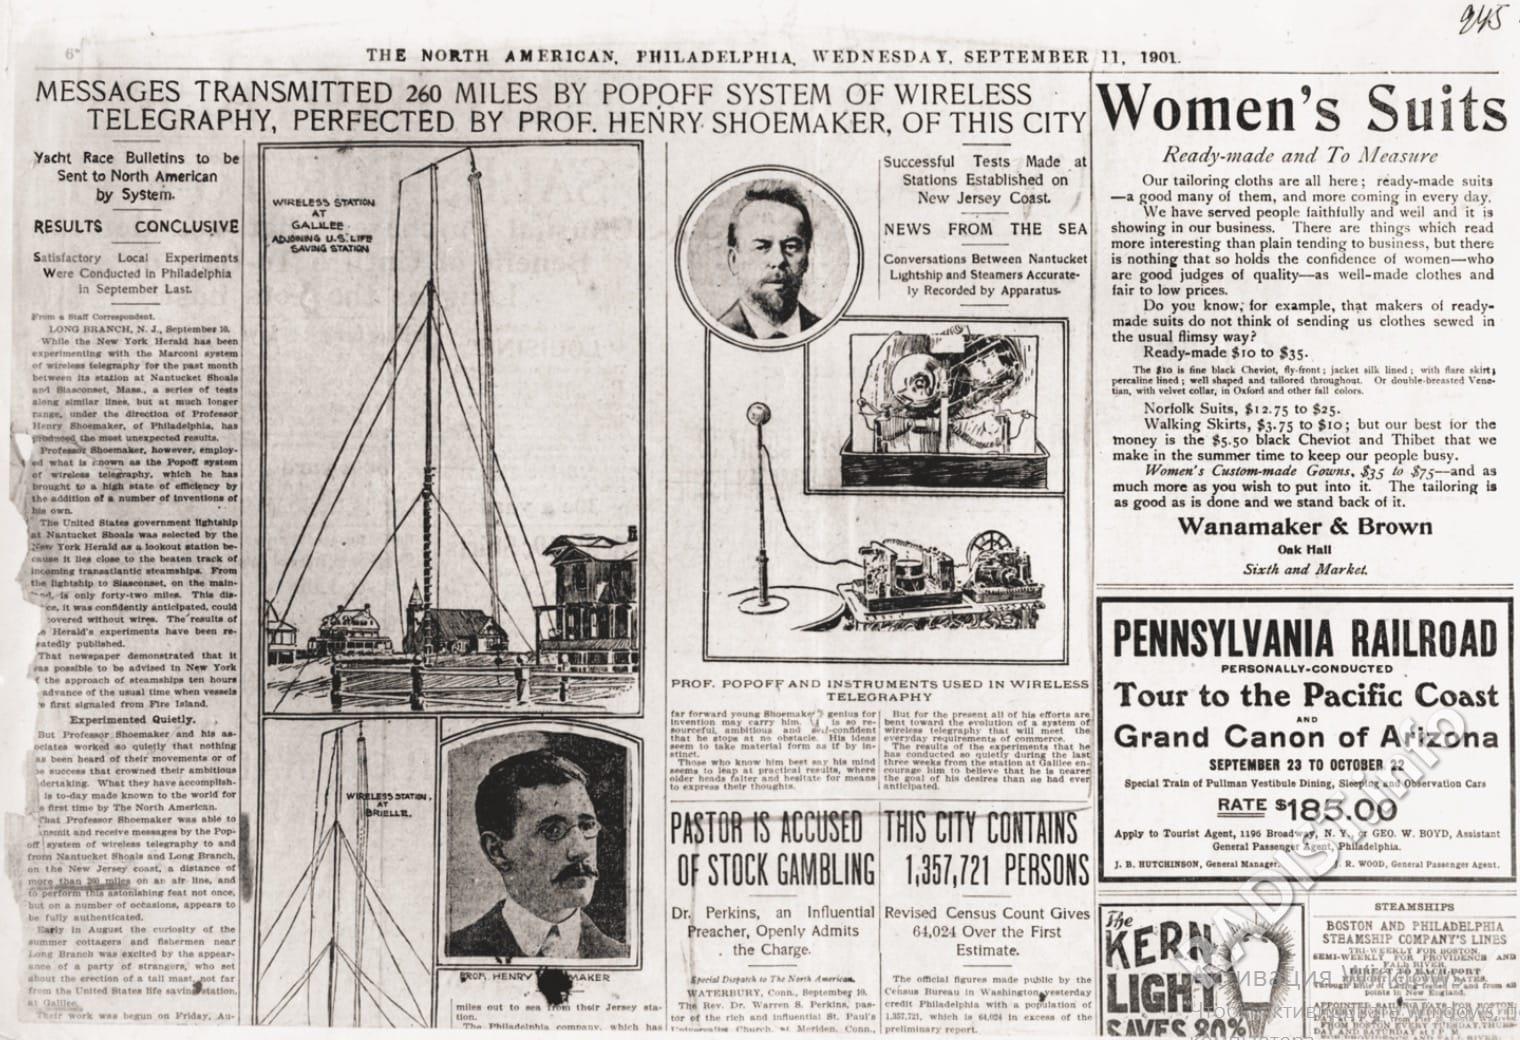 Статья об А.С. Попове в газете The North American, Филадельфия, выпуск от 11 сентября 1901 г.